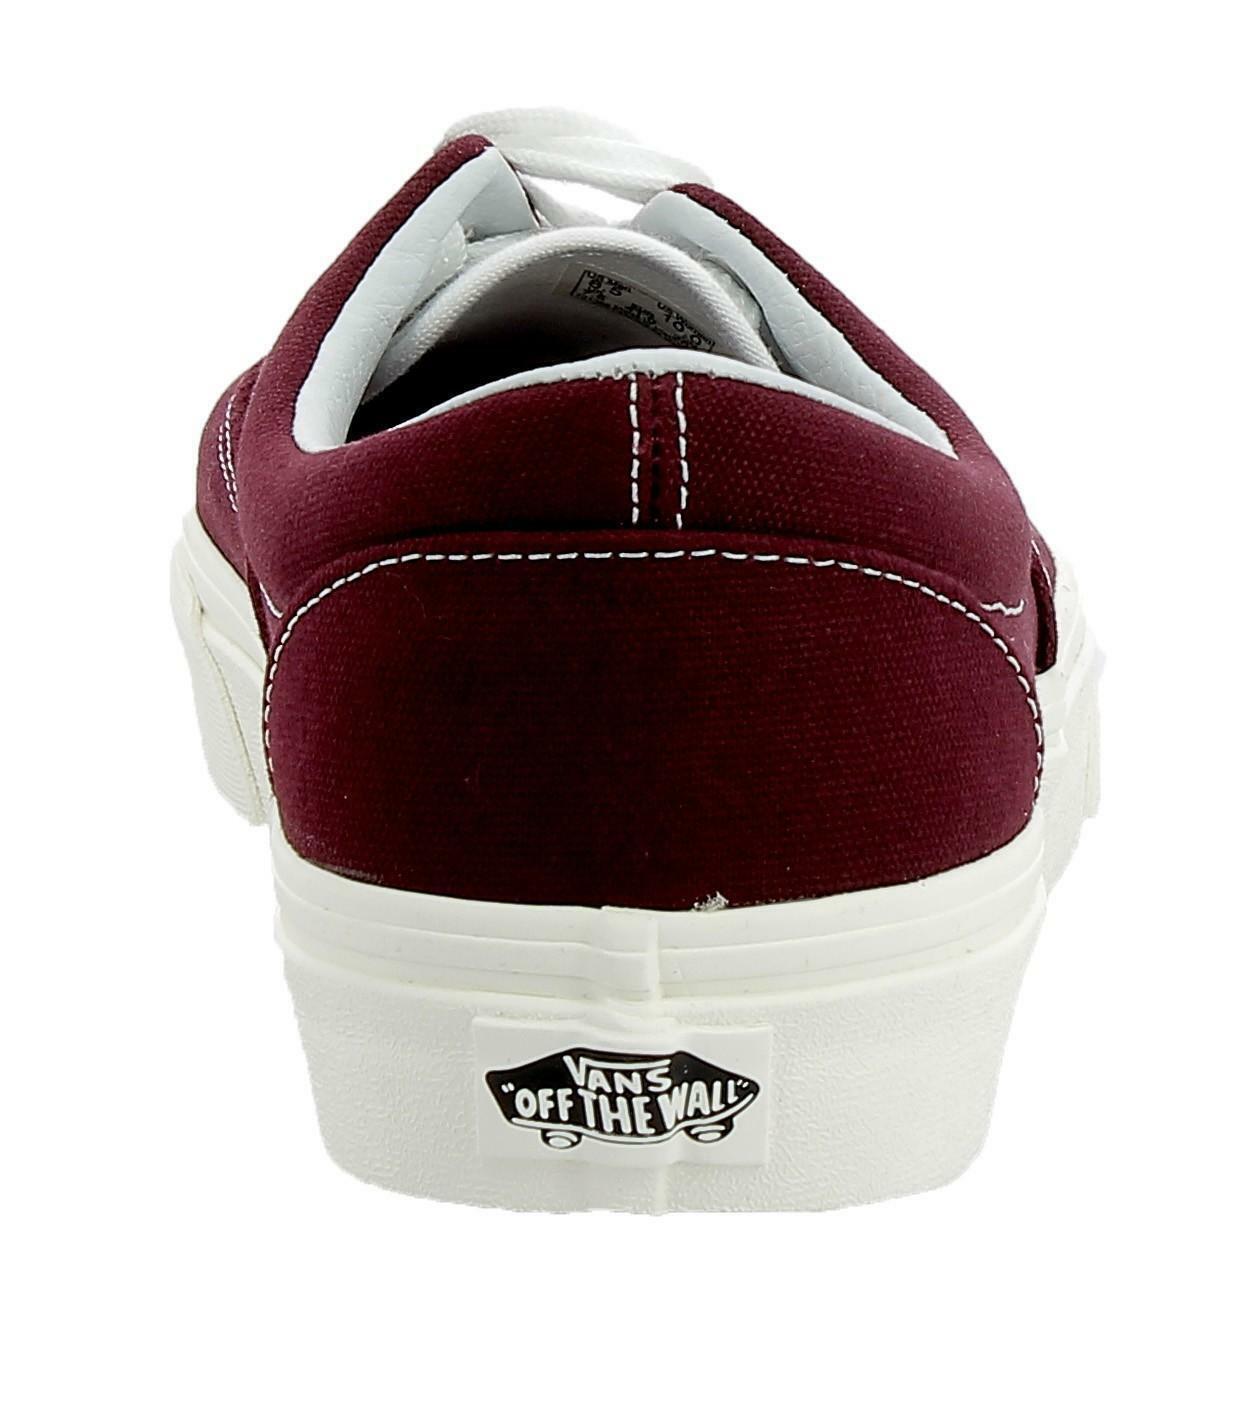 vans vans port royale scarpe sportive uomo bordeaux vn0a38fru8m